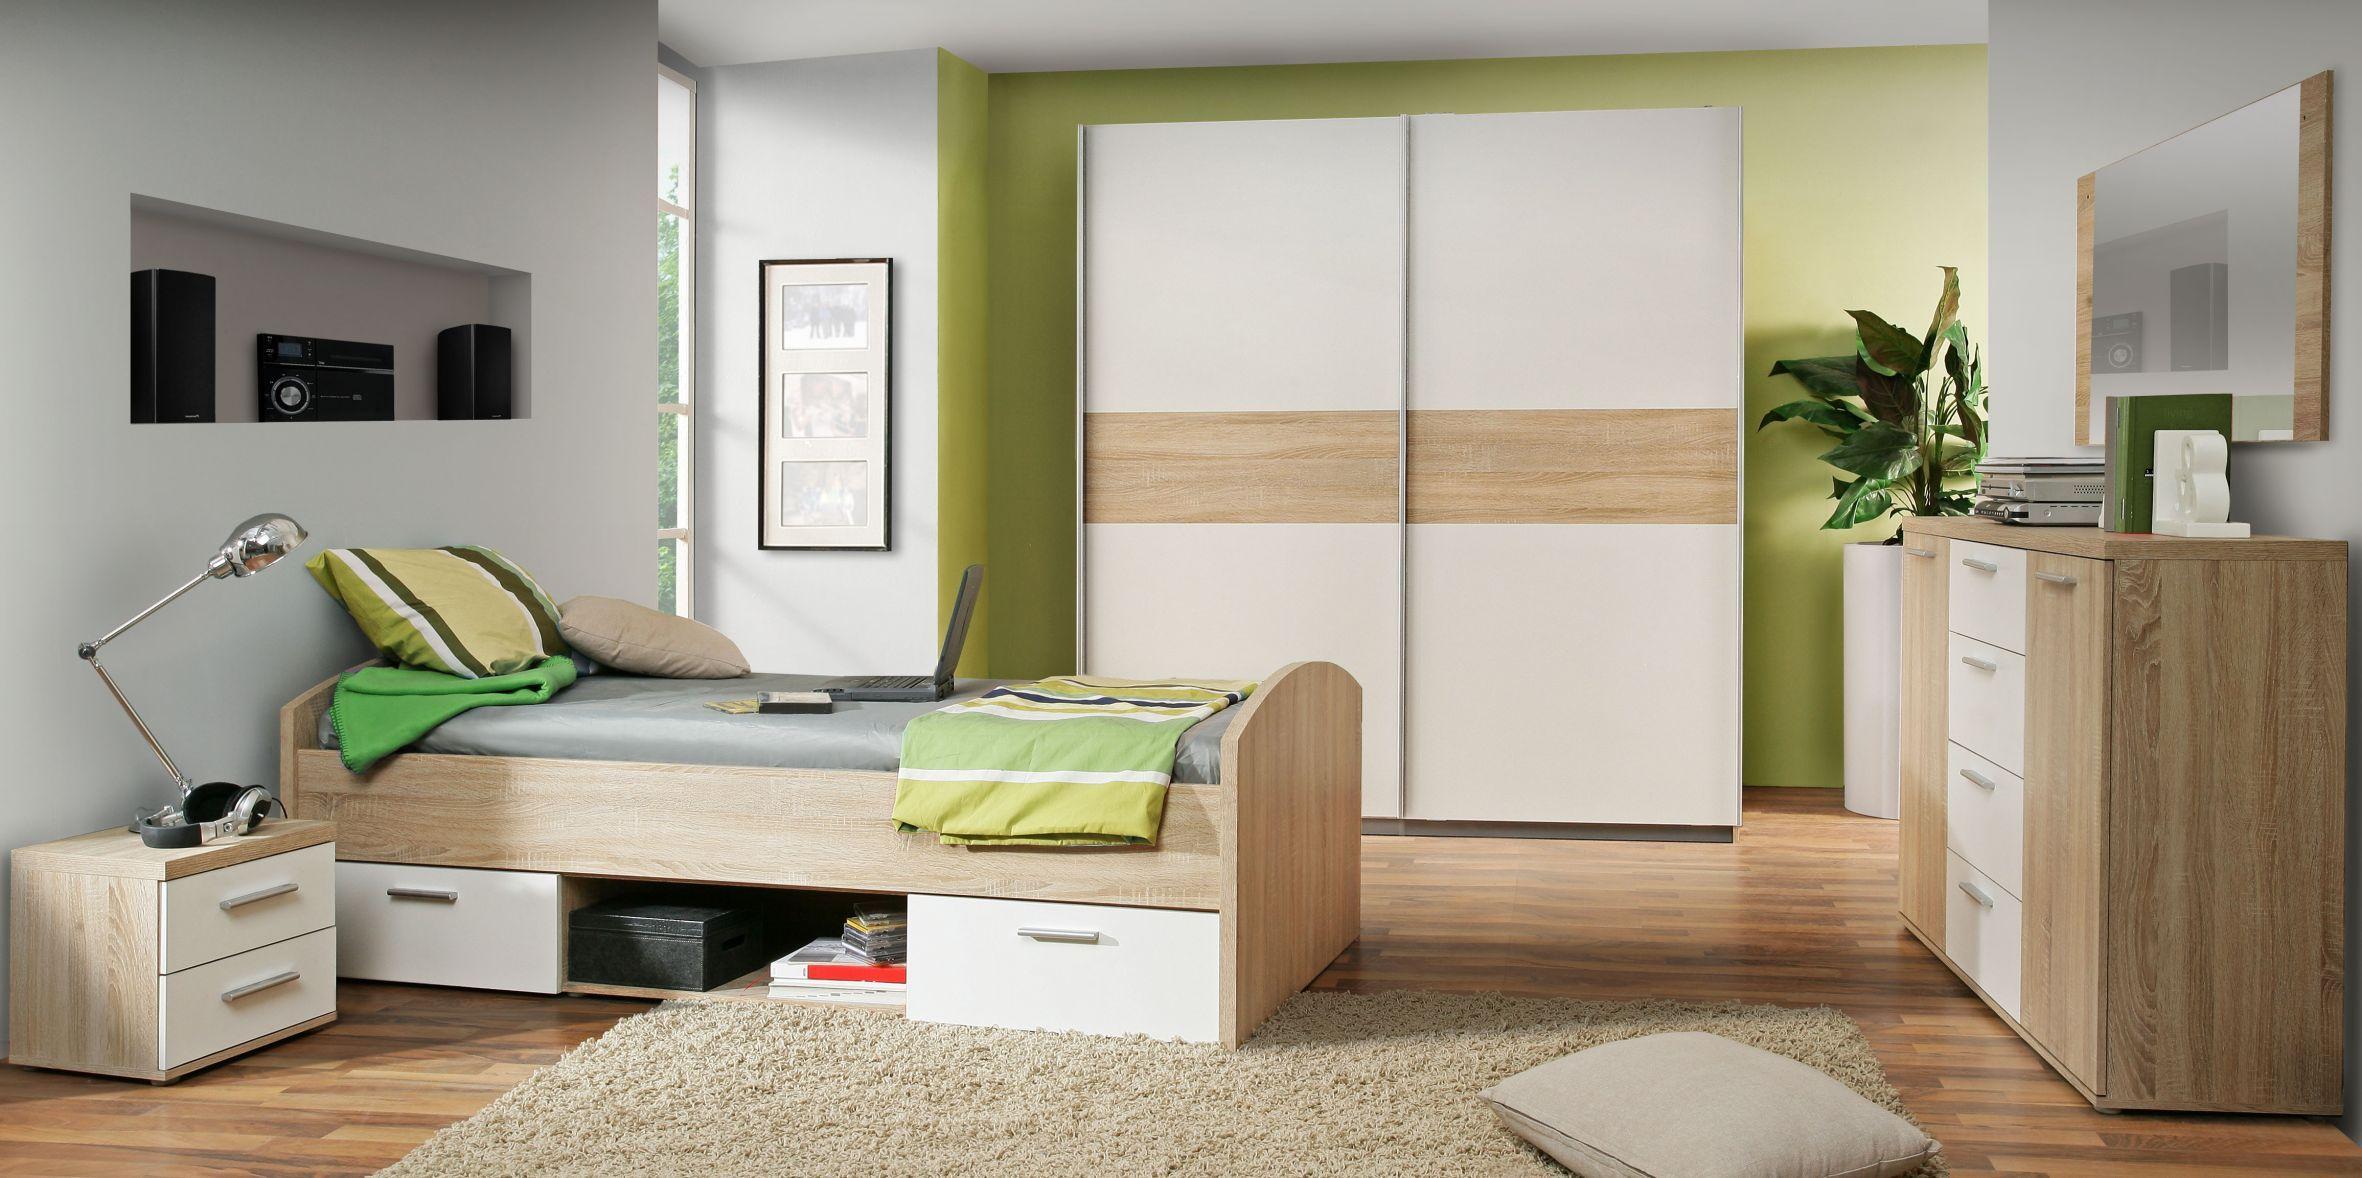 schweber 170 cm breit winnie von forte sonoma eiche weiss. Black Bedroom Furniture Sets. Home Design Ideas